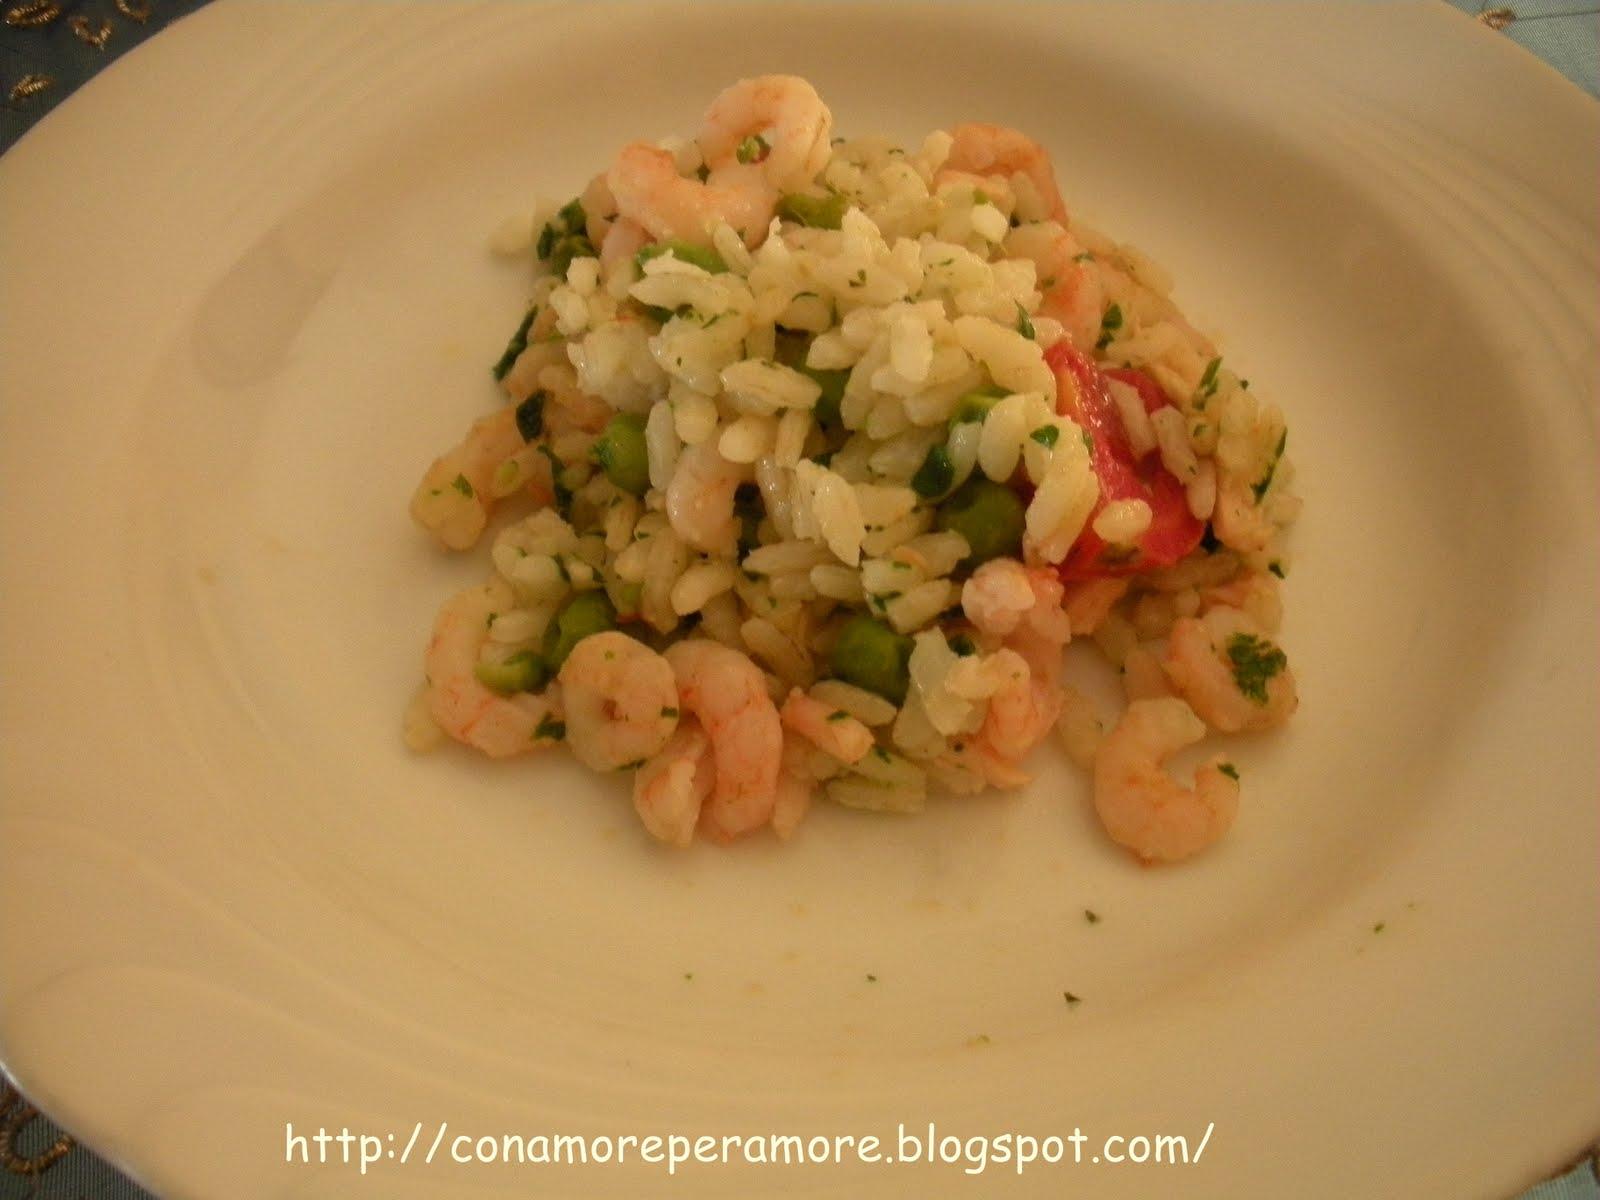 Tris di riso pesce e verdura da con amore per amore su for Pesce chicco di riso